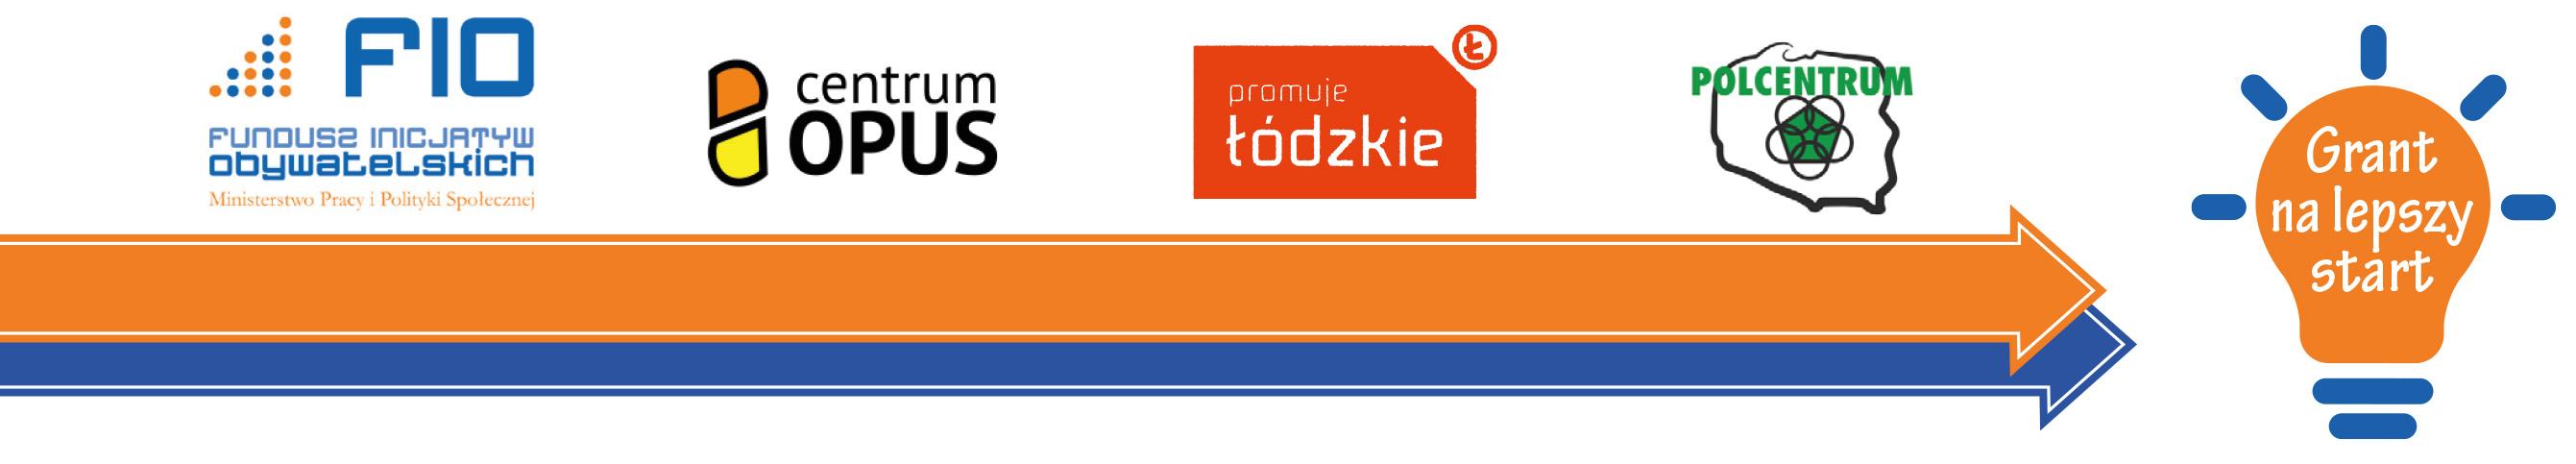 Logo Funduszy Inicjatyw Obywatelskich